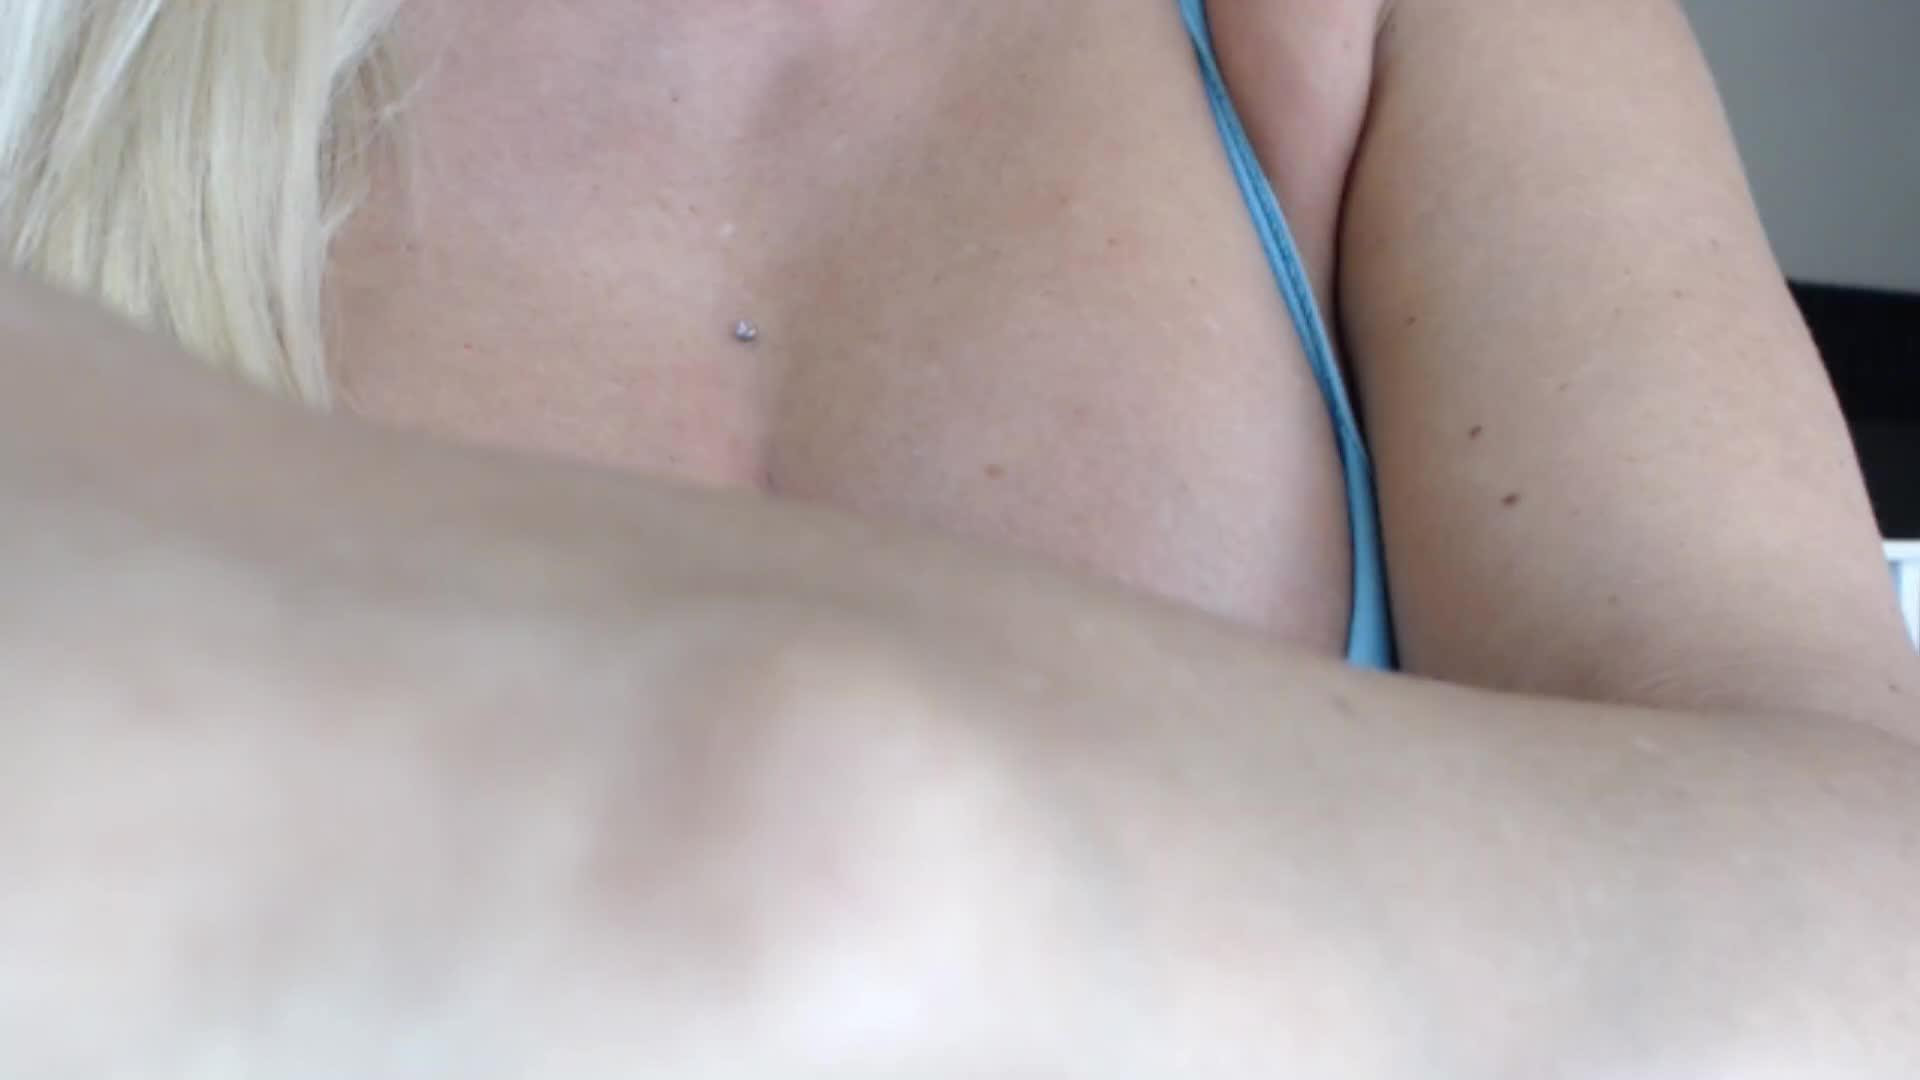 ADRIANNA777 cam pics and nude photos 4